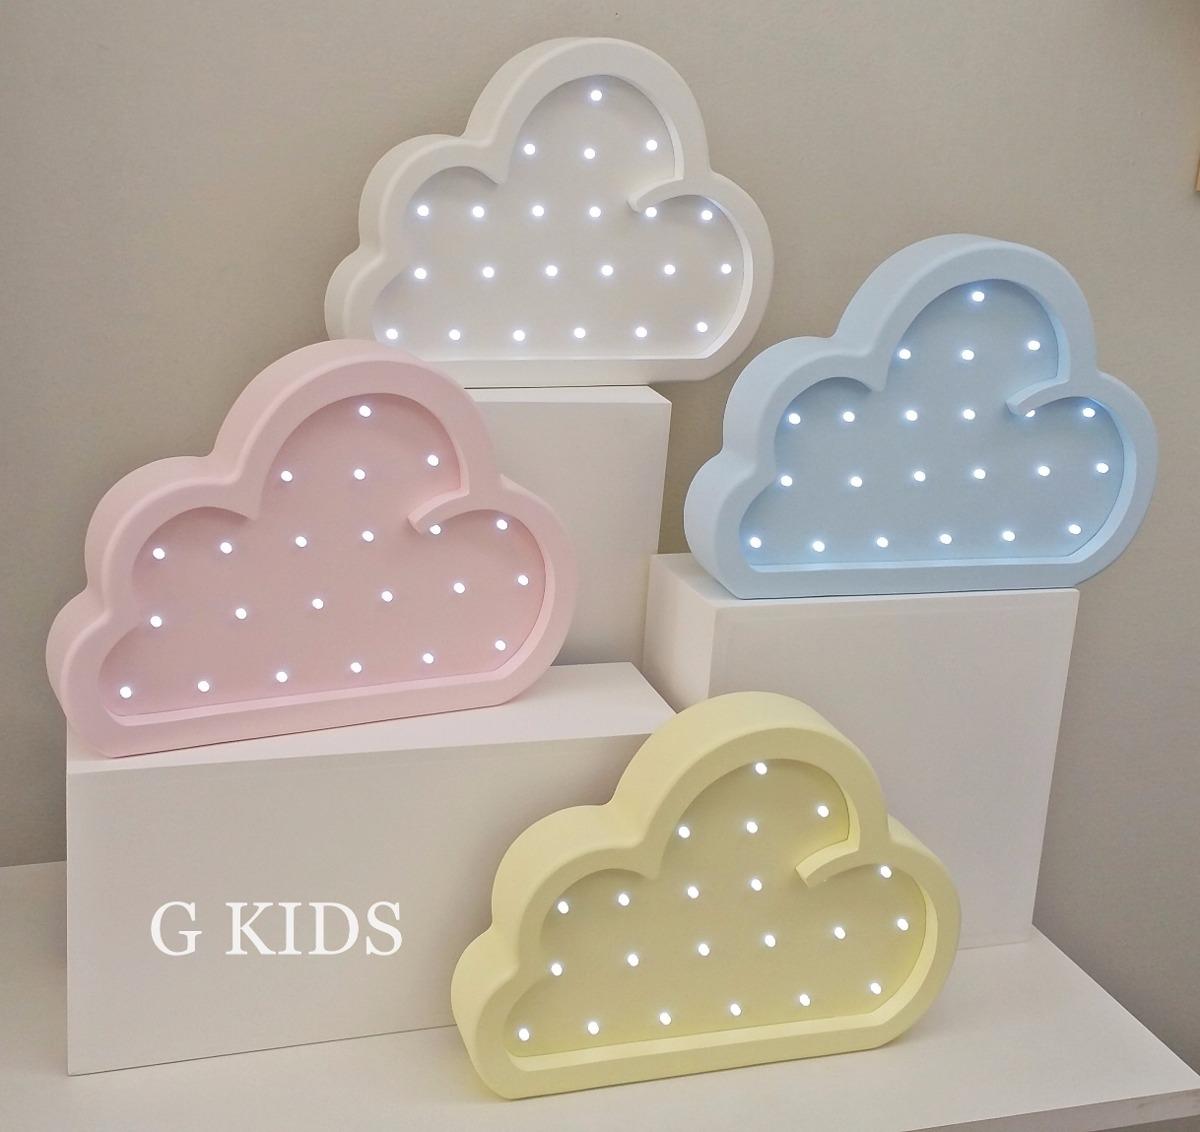 Lumin Ria Nuvem Led Para Quarto De Beb Em Mdf R 259 00 Em  ~ Luminaria A Pilha Para Quarto E Pintura De Quarto De Bebê